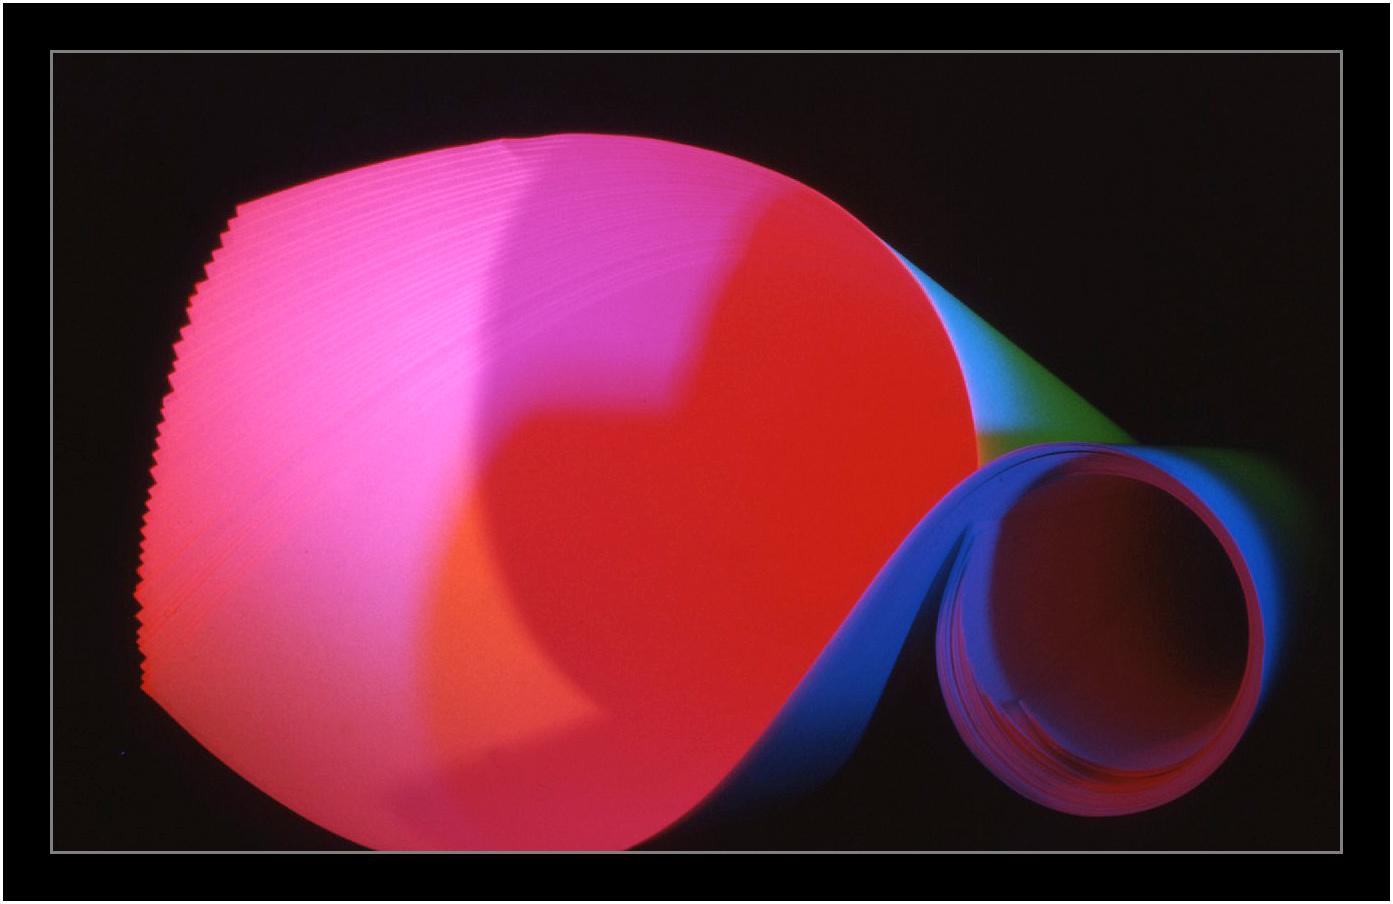 Mit Licht und Farben